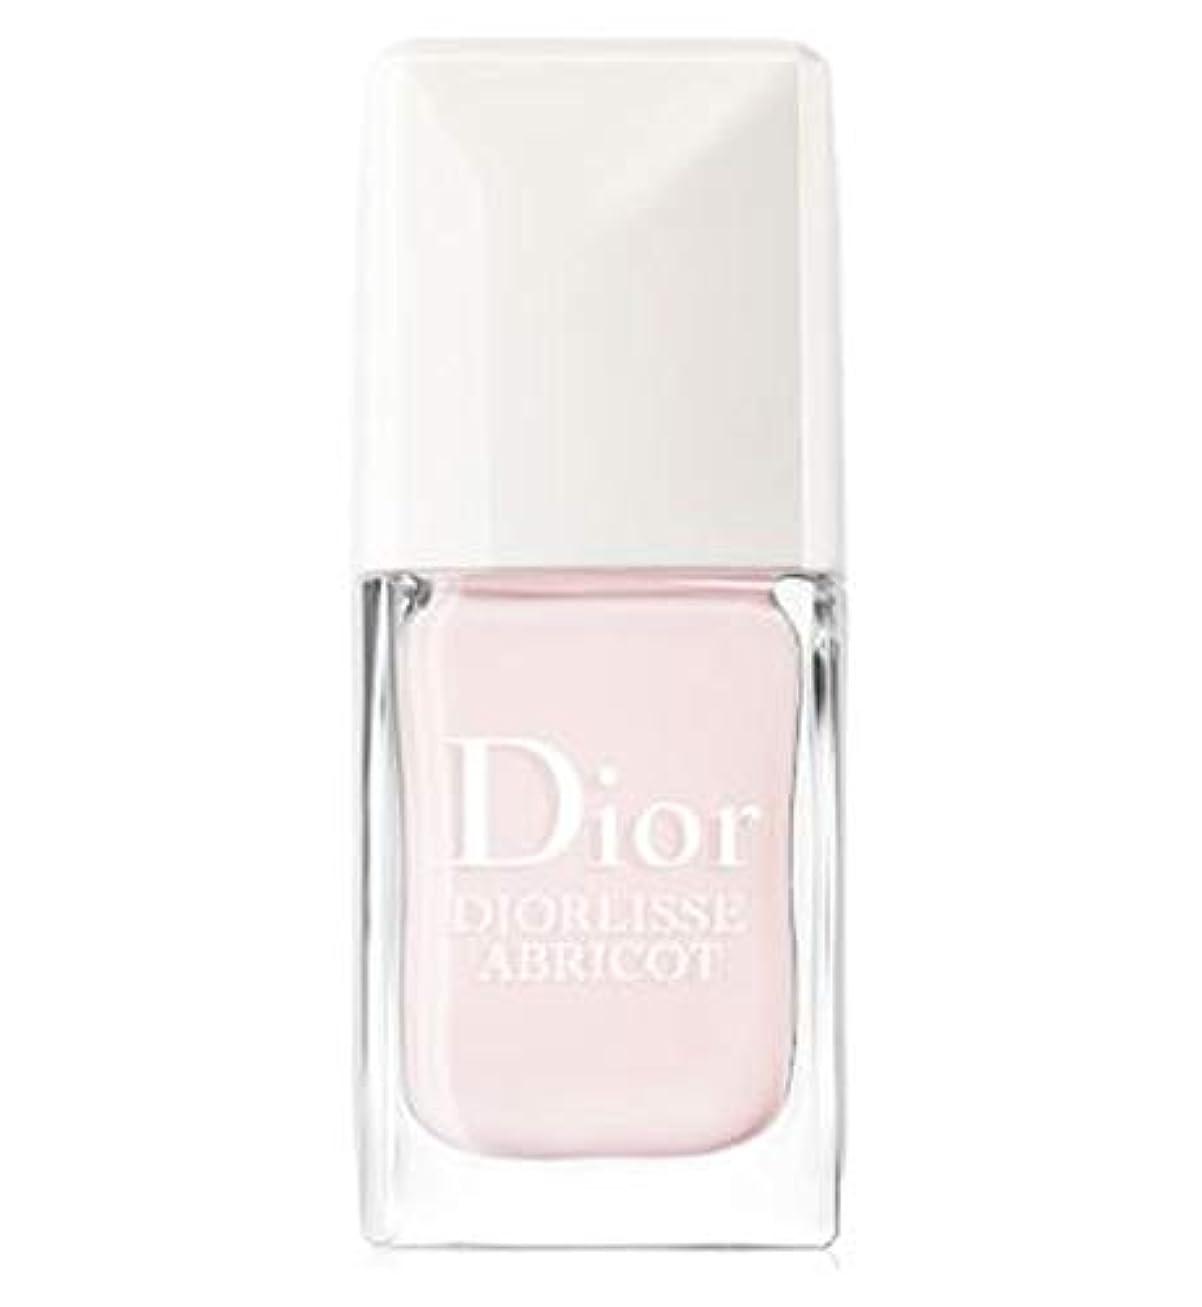 月曜上陸バックグラウンド[Dior ] ピンクの花びらの10ミリリットルで完成ネイルケアを平滑化Abricot Diorlisse - Diorlisse Abricot Smoothing Perfecting Nail Care In Pink Petal 10Ml [並行輸入品]